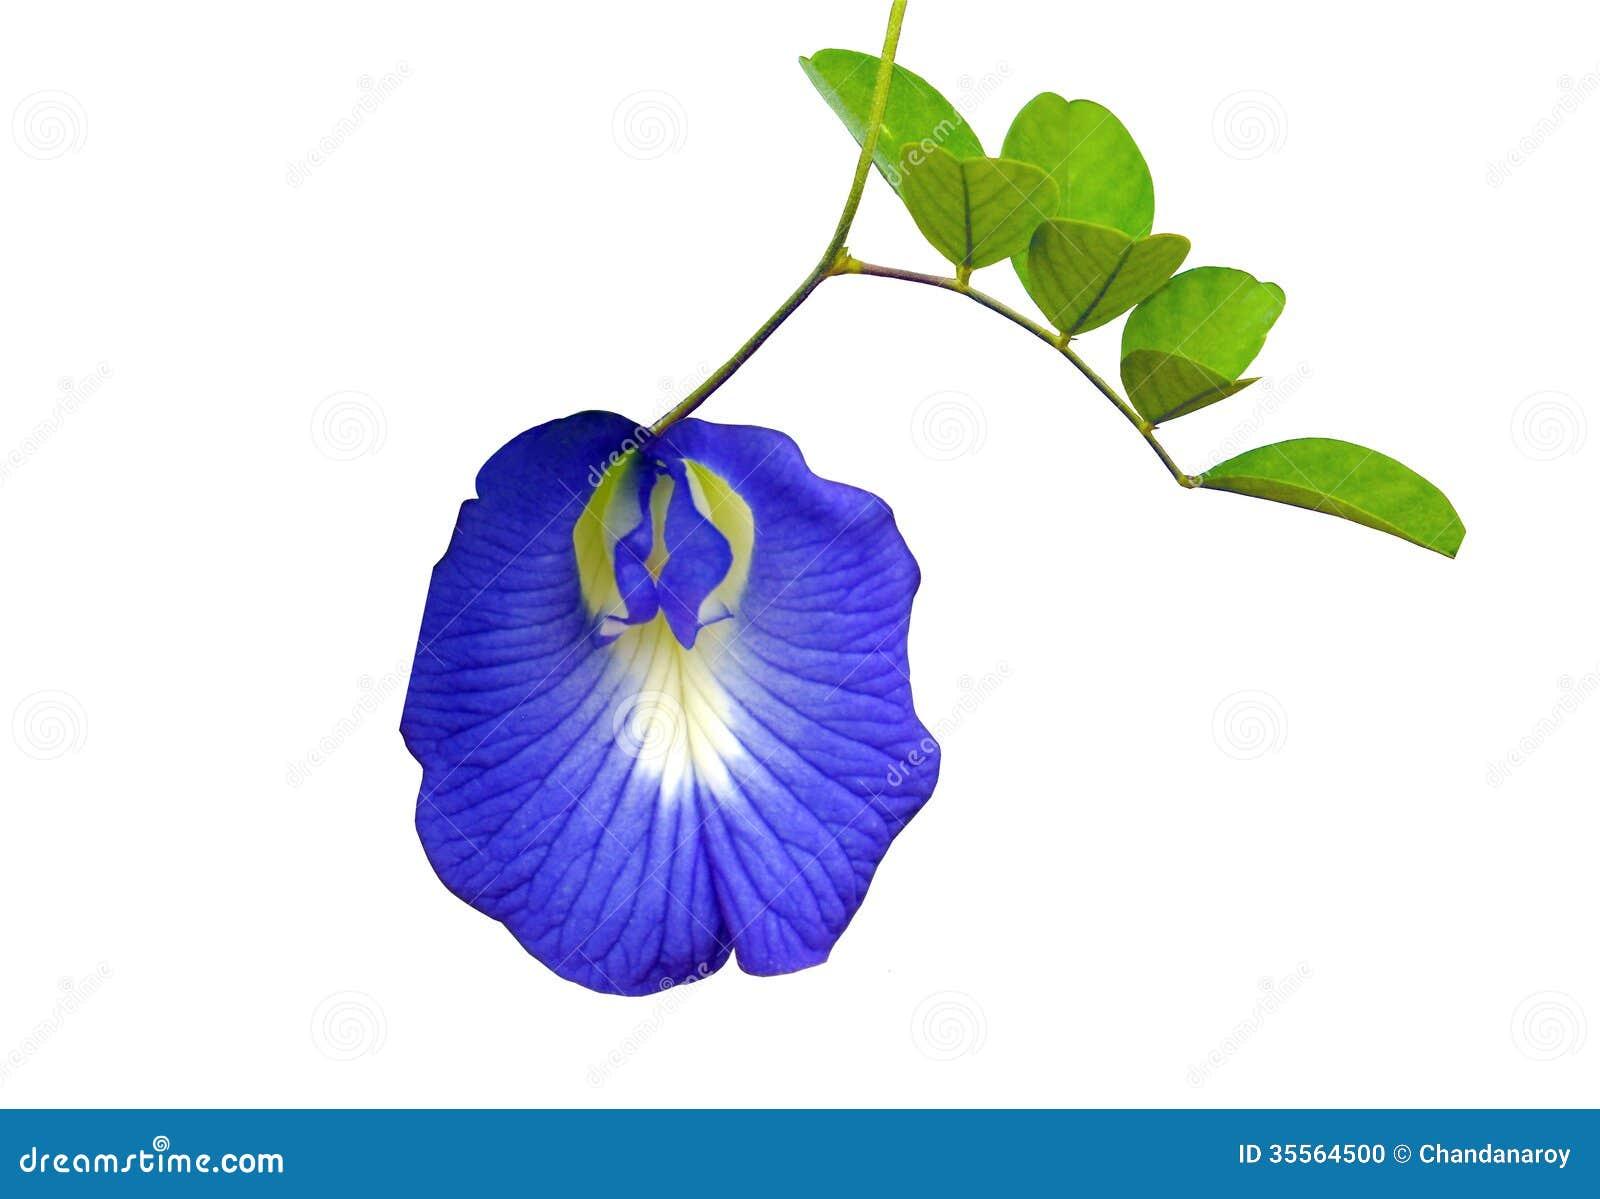 Голубой цветок гороха бабочки или голубого гороха изолированных на белой предпосылке